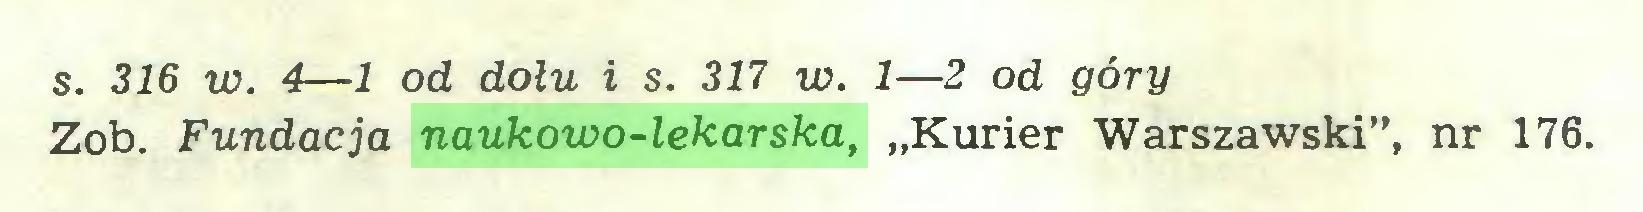 """(...) s. 316 w. 4—1 od dołu i s. 317 w. 1—2 od góry Zob. Fundacja naukowo-lekarska, """"Kurier Warszawski"""", nr 176..."""